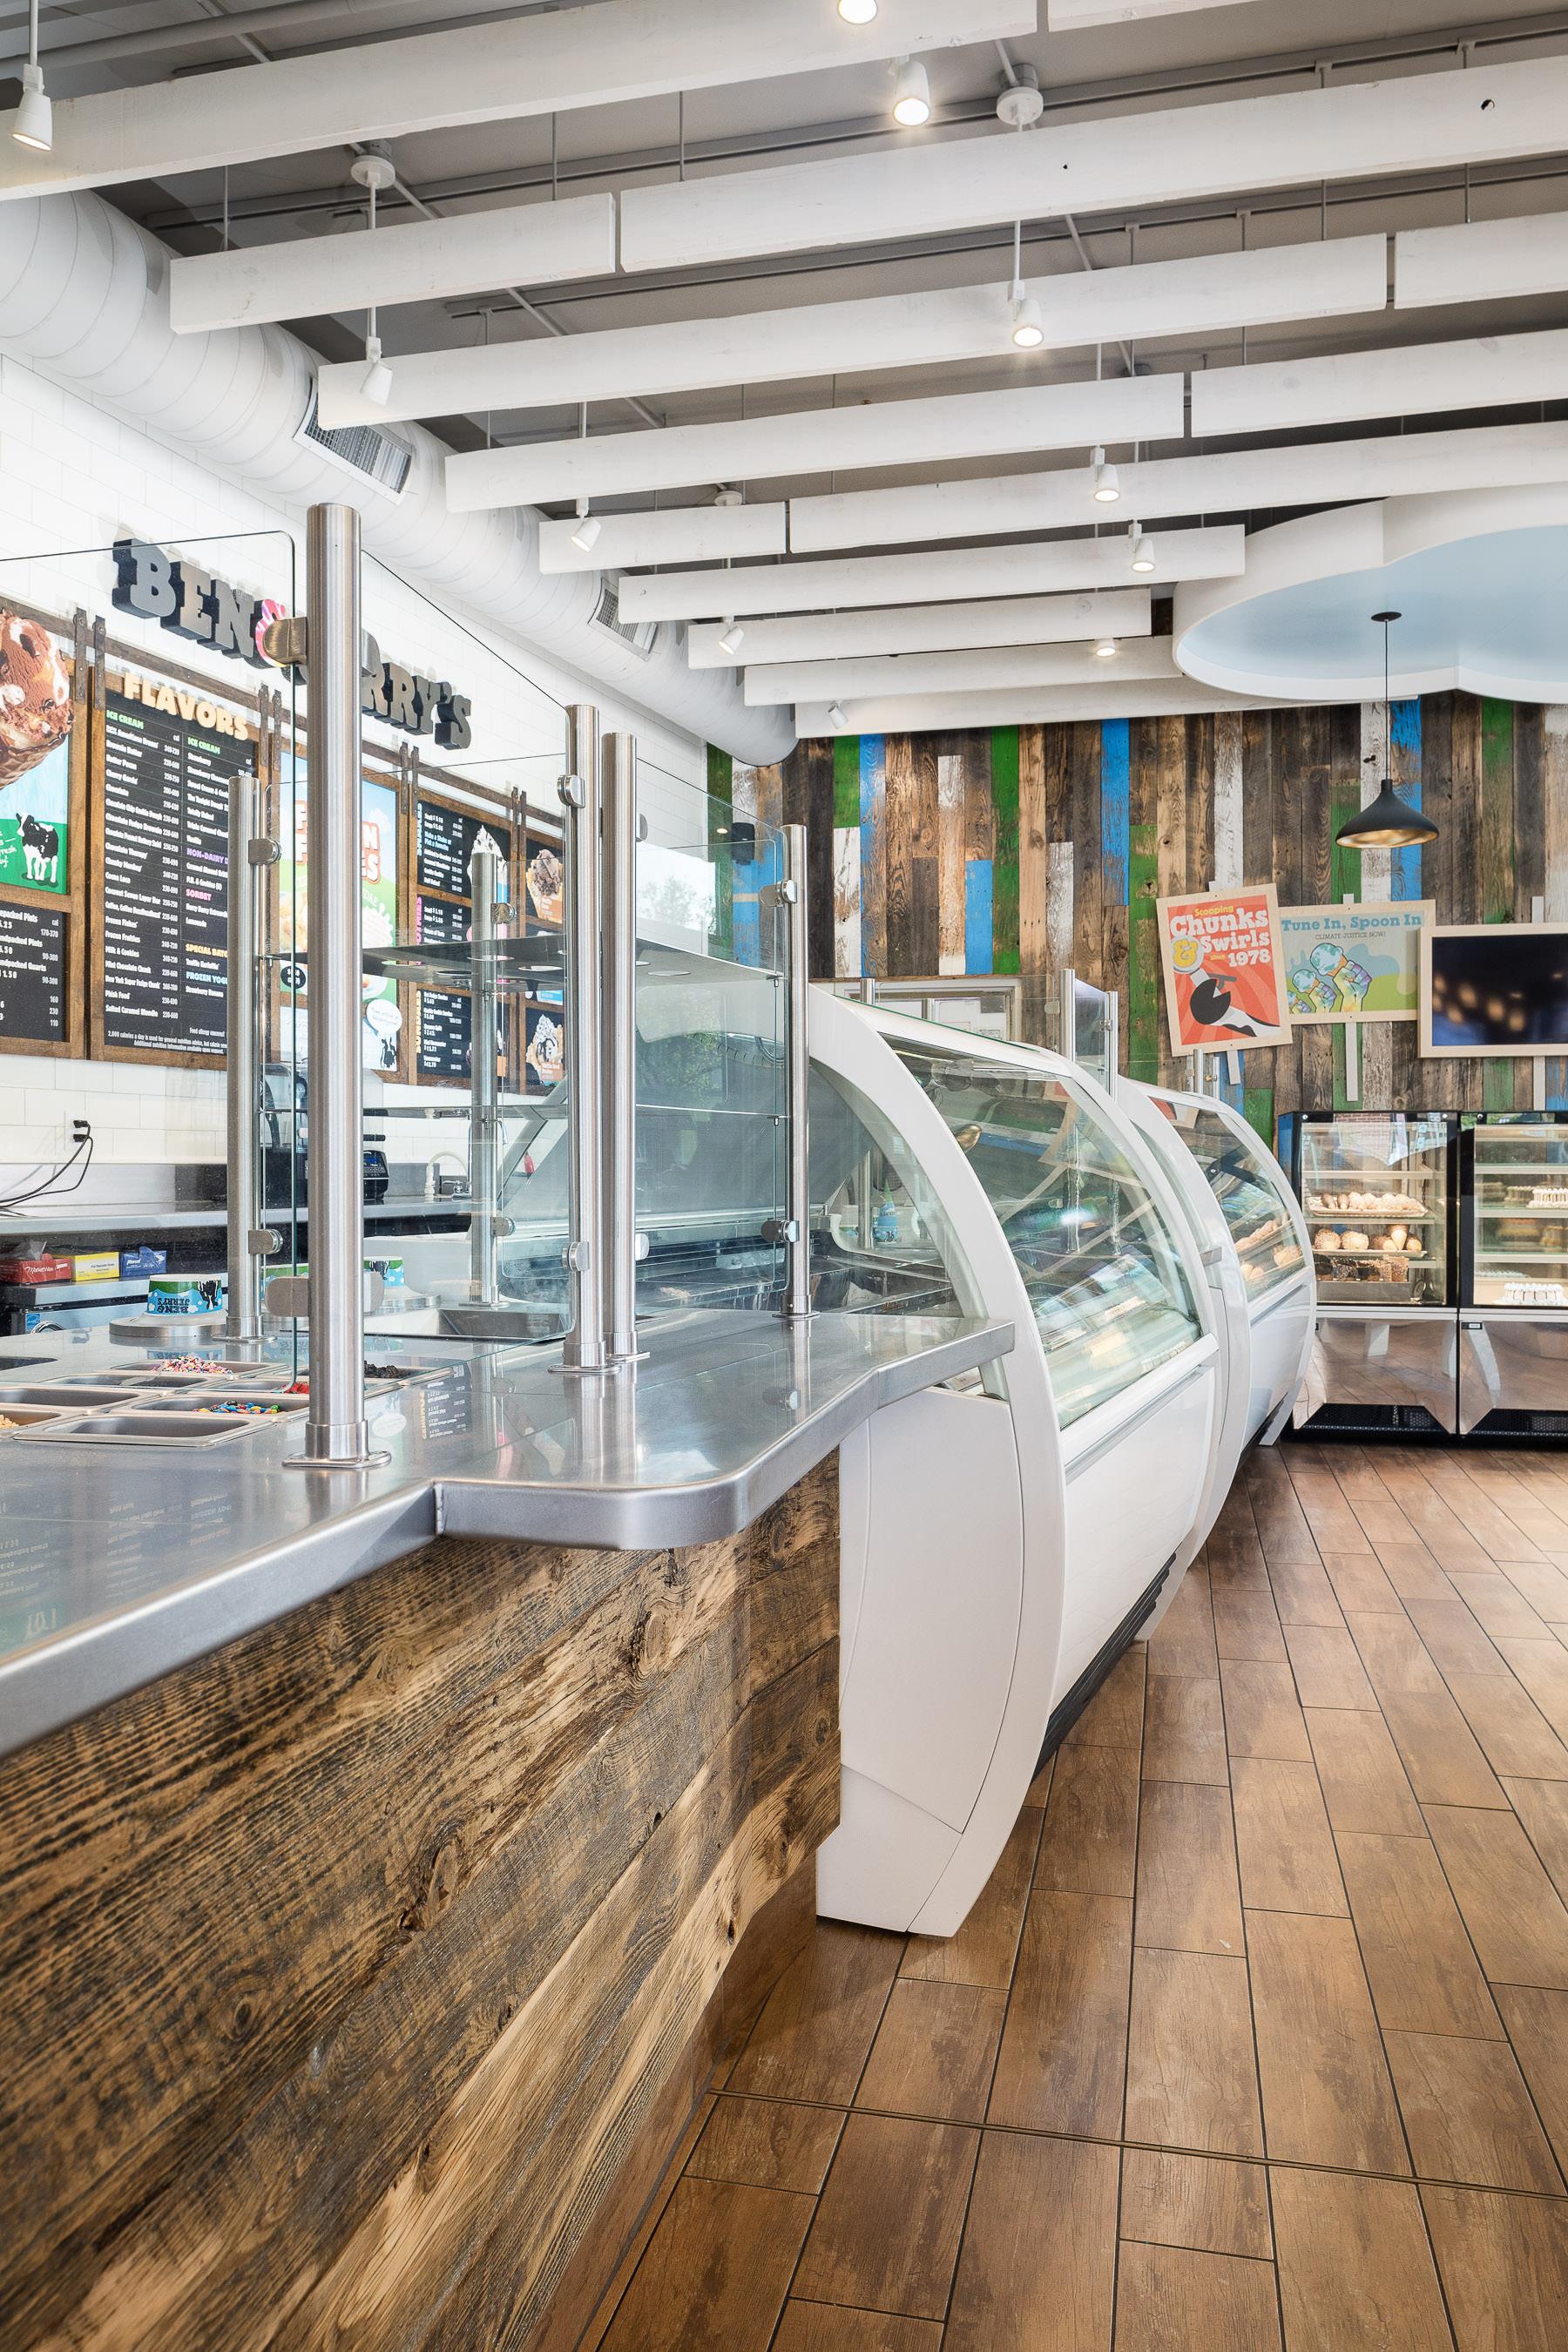 interior architecture ben jerry s scoop shop burlington vermont